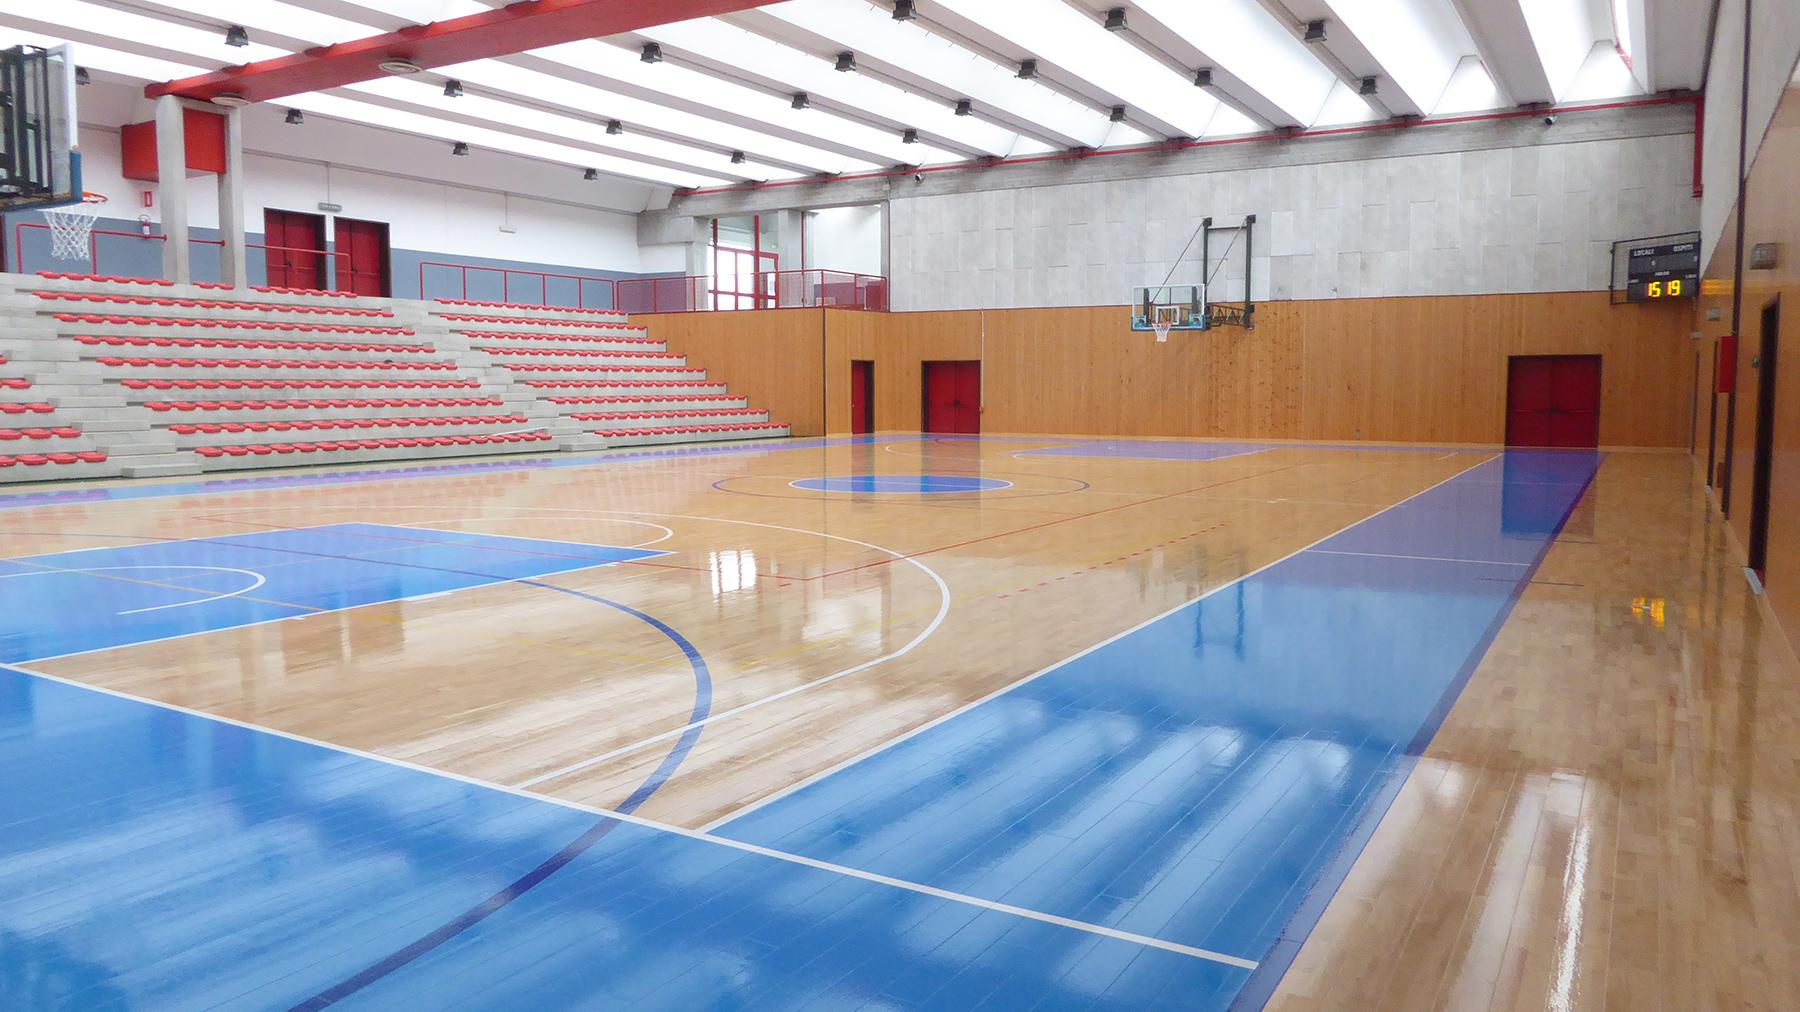 中原职业技术学院龙8国际平台入口馆篮球场龙8国际授权网站地面工程施工(图1)